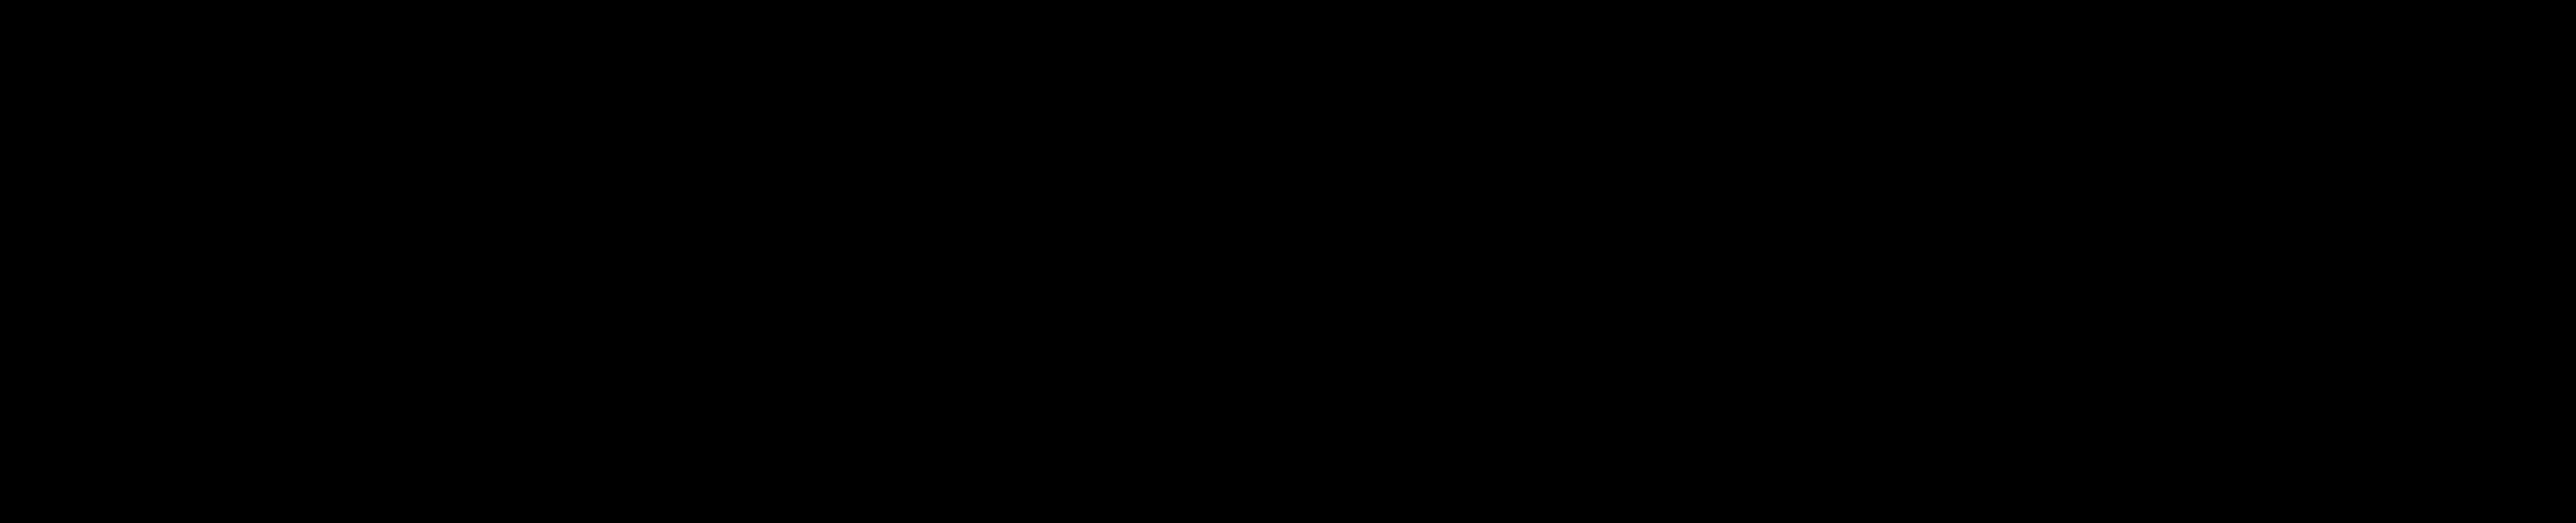 AbbVie_logo_logotype-1